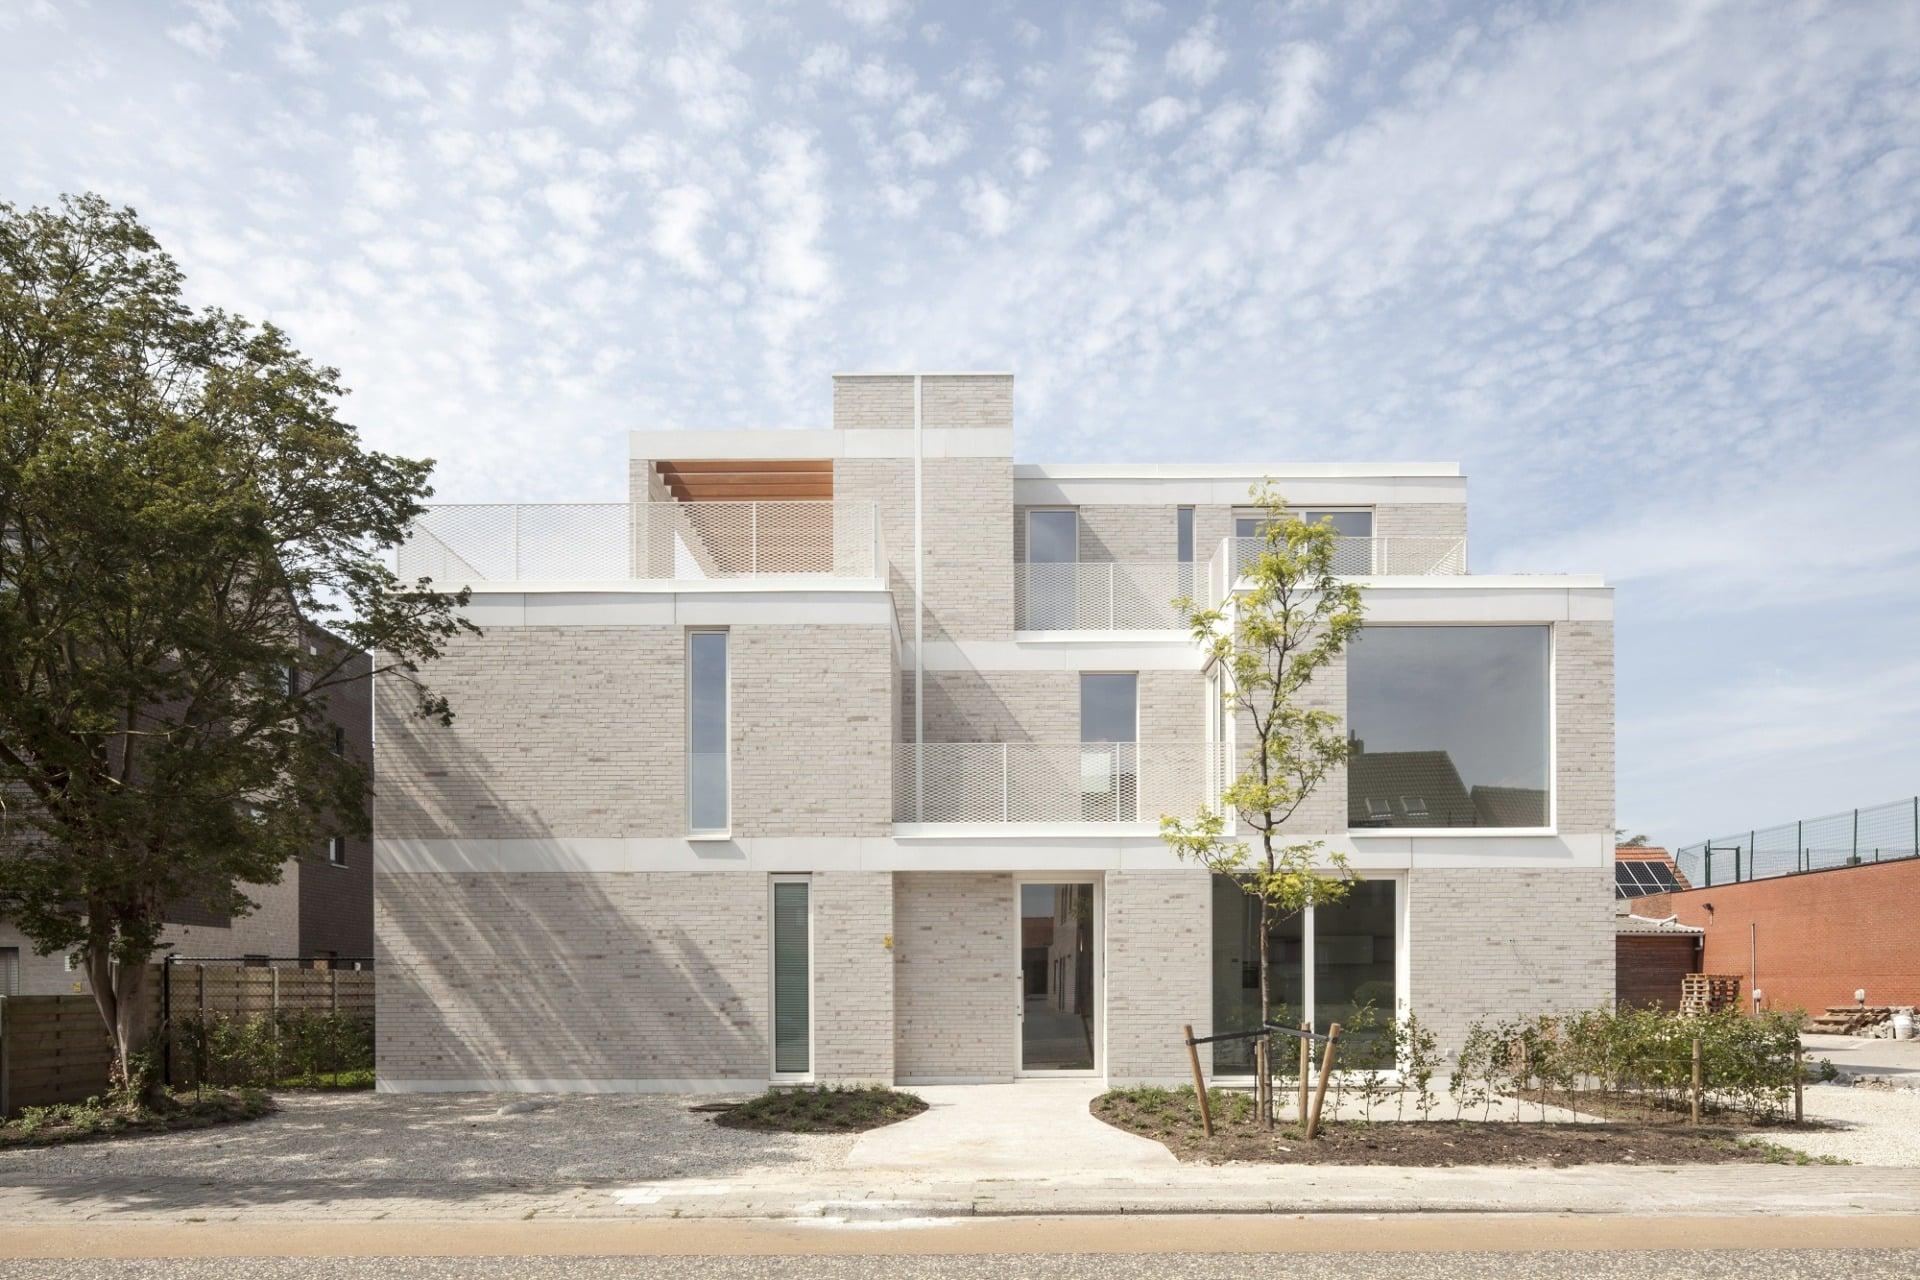 Tilia - 6 appartementen - Retie | Realisaties - Strak bouw bv